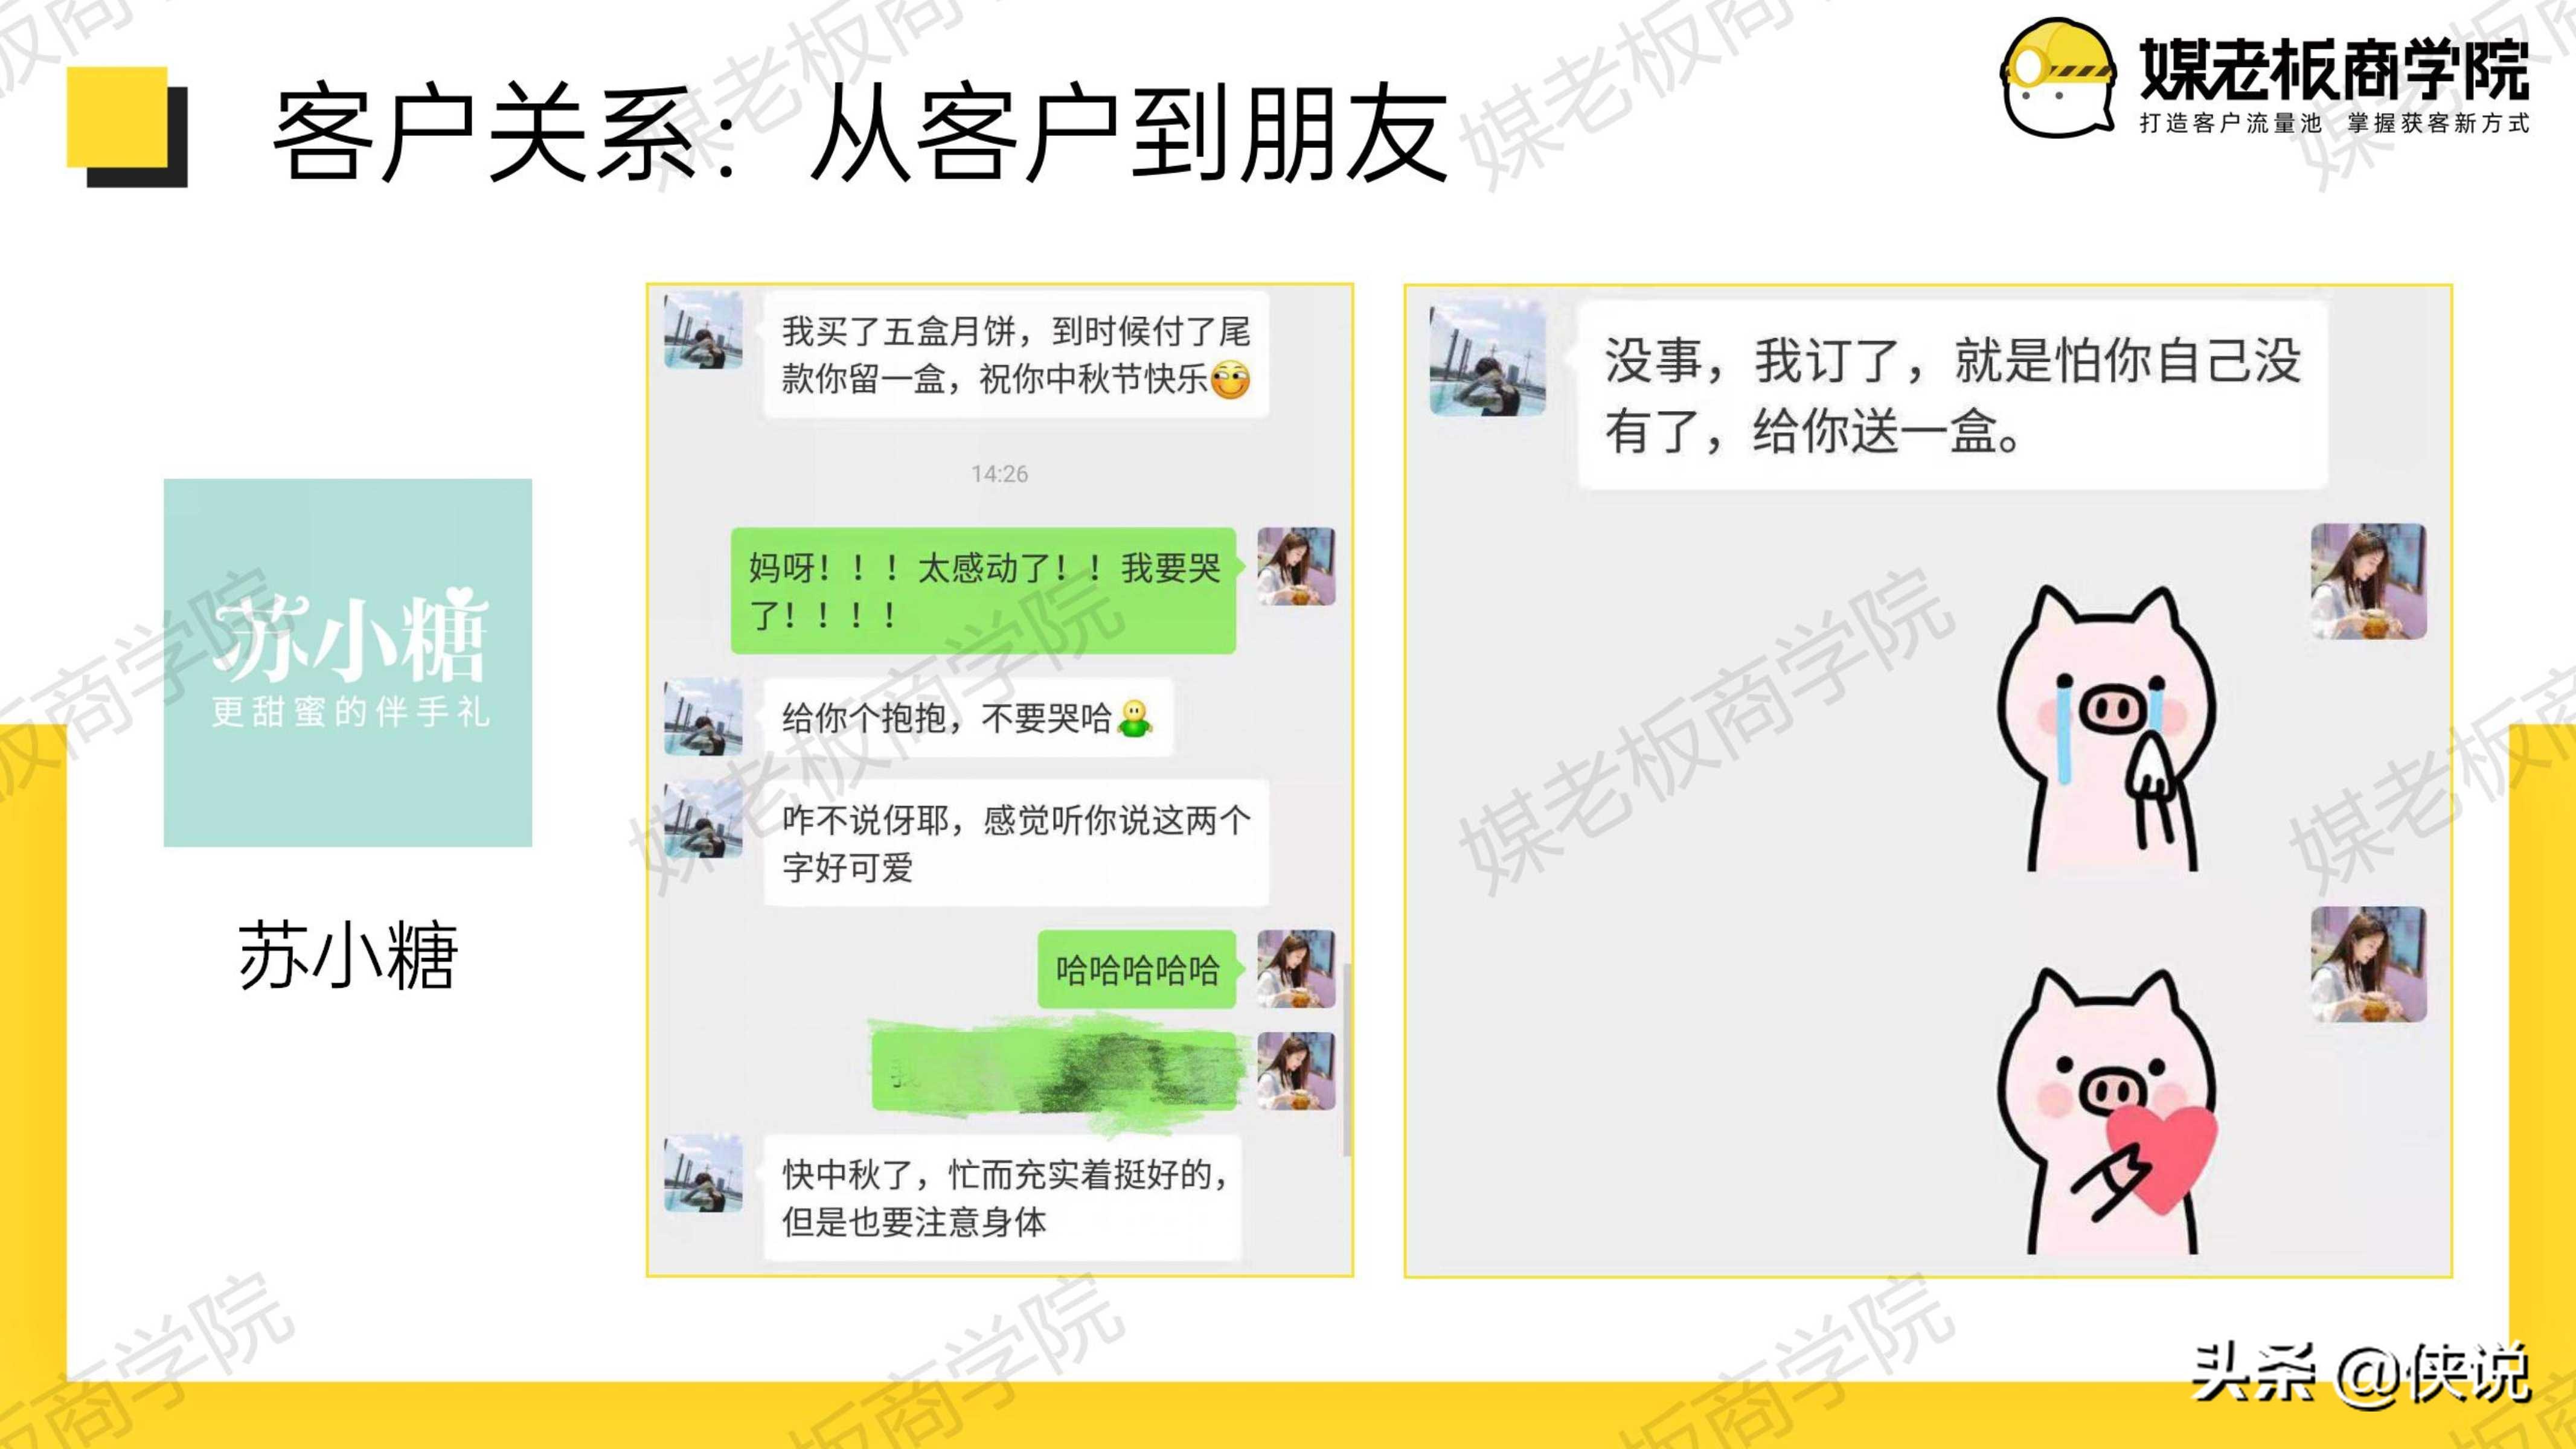 干货:12招企业微信获客指南系列(珍藏版)